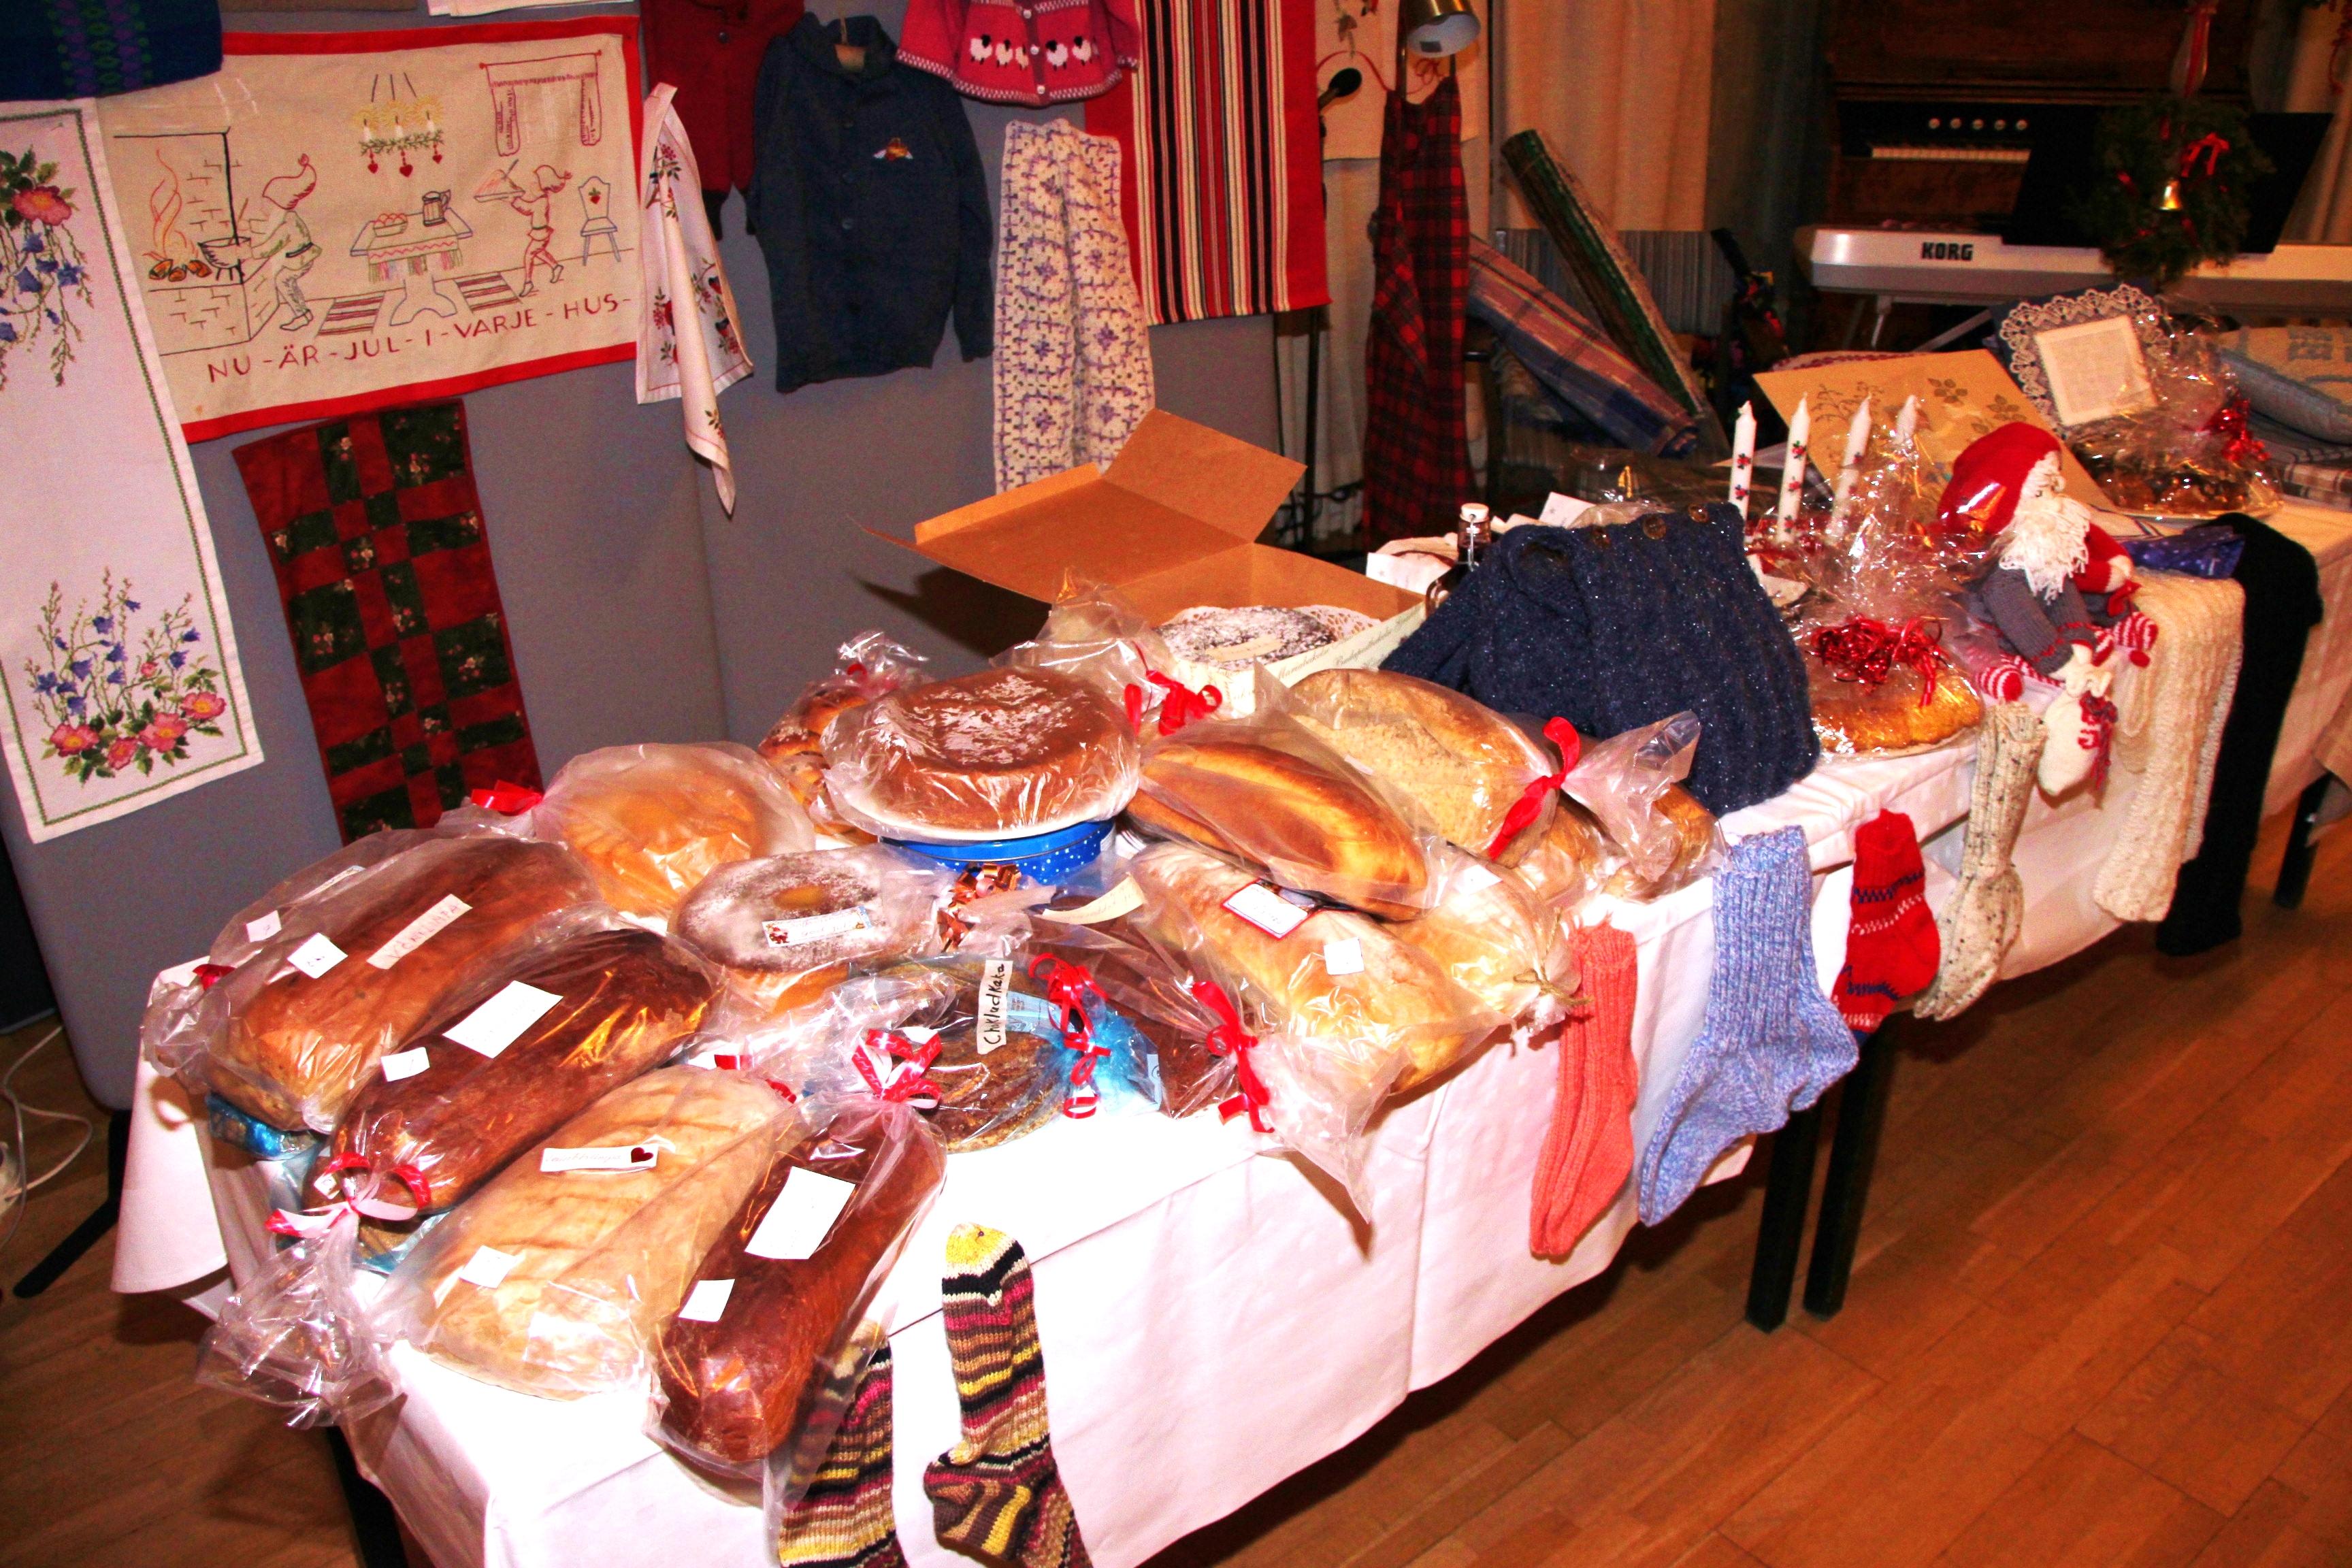 Mitt Västmanland - Ett bord fullt med hembakat bröd och hemslöjd